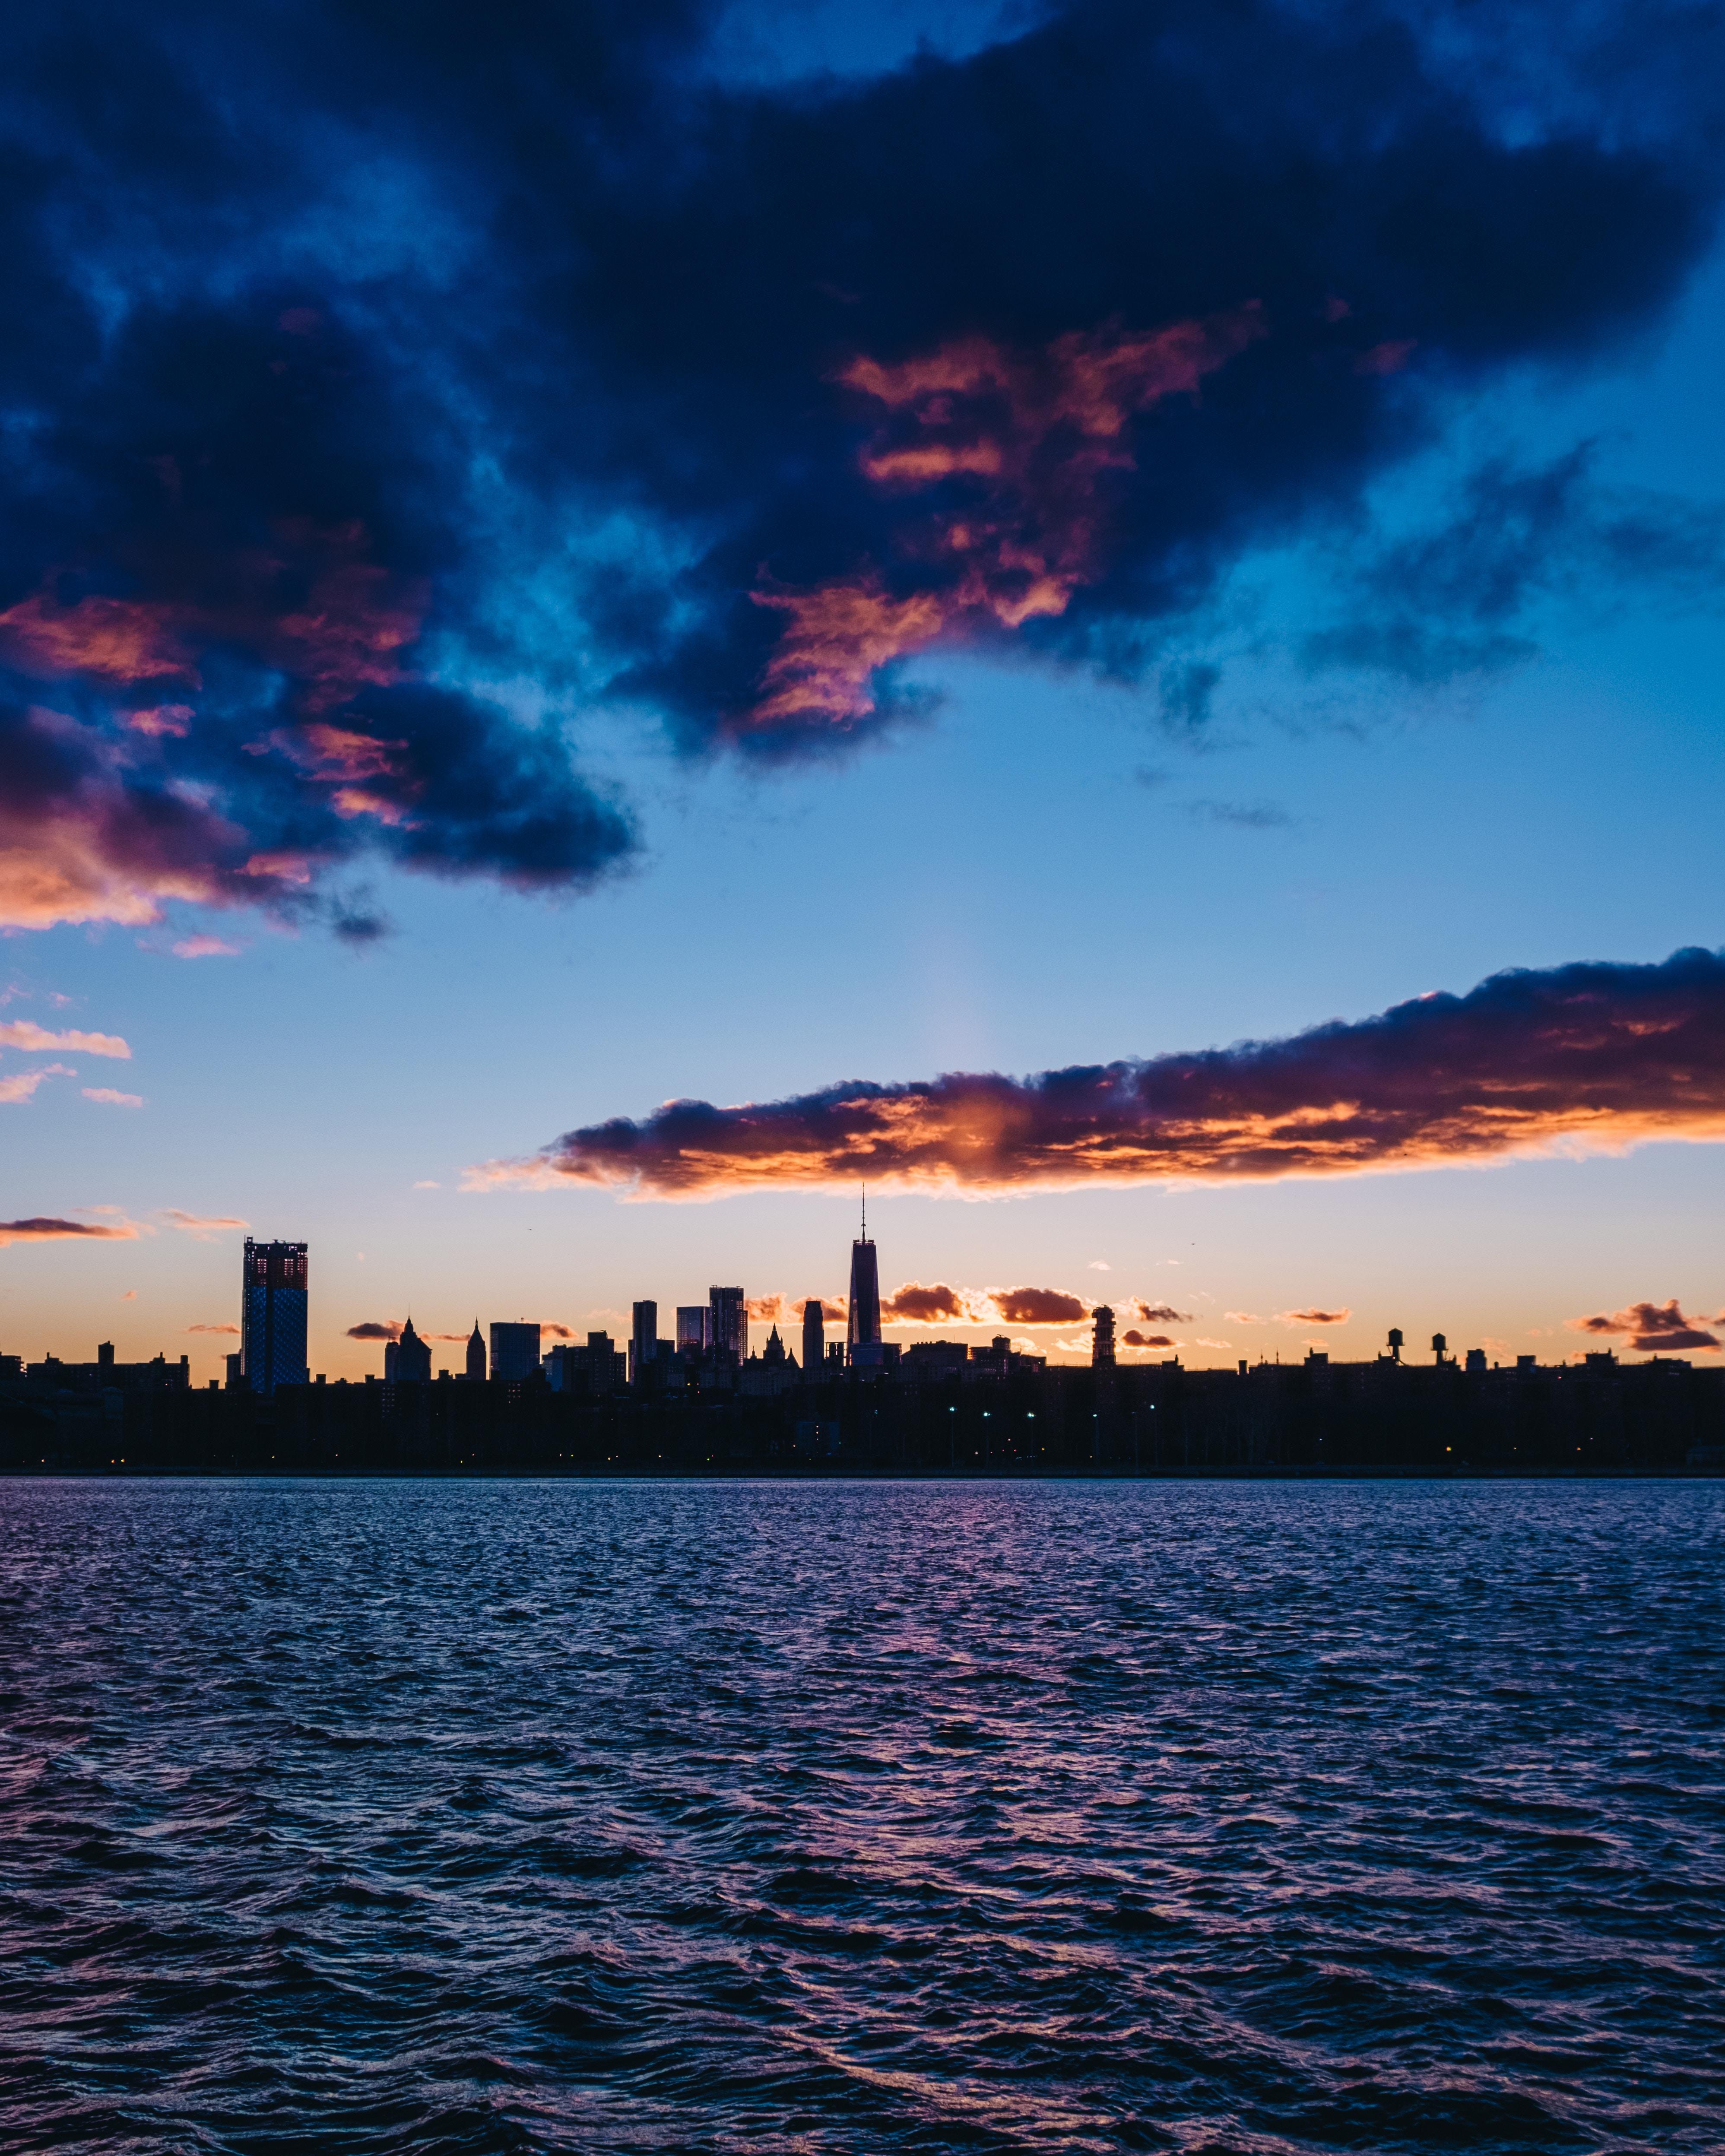 Sfondi New York Stati Uniti D America Citta Di Notte Panorama 3994x4992 Wallbase 1298539 Sfondi Gratis Wallhere